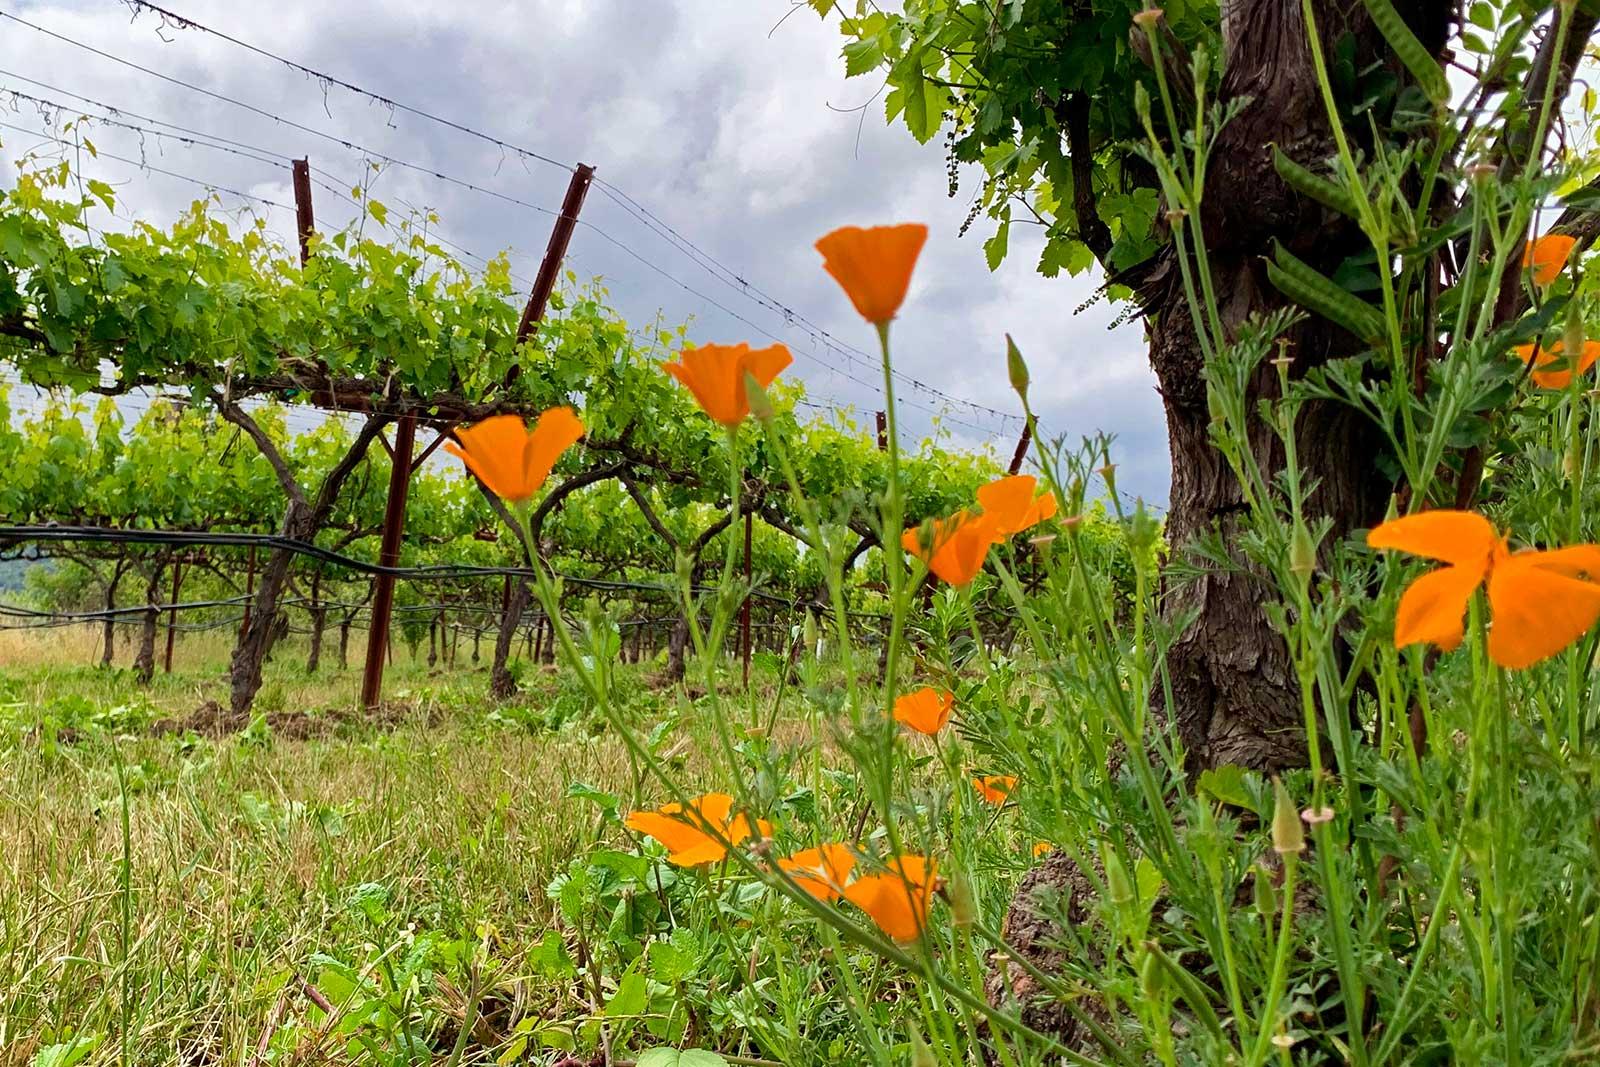 Poppies grow in springtime in one of the Matthiasson vineyards. ©Matthiasson